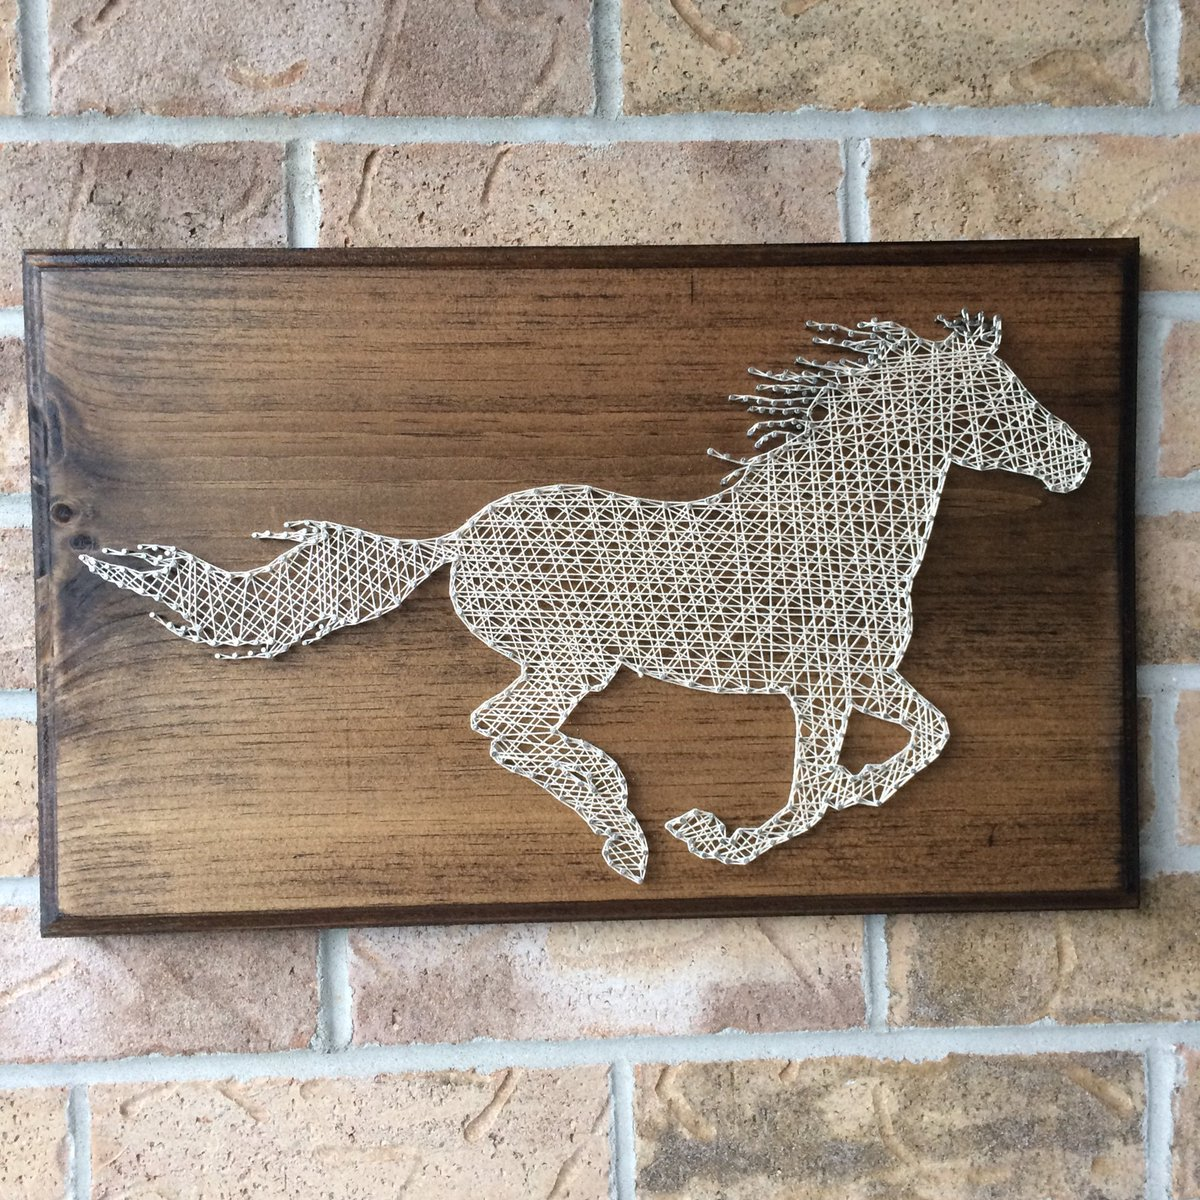 Horse racing nail art nailarts ideas - Clavos para madera ...